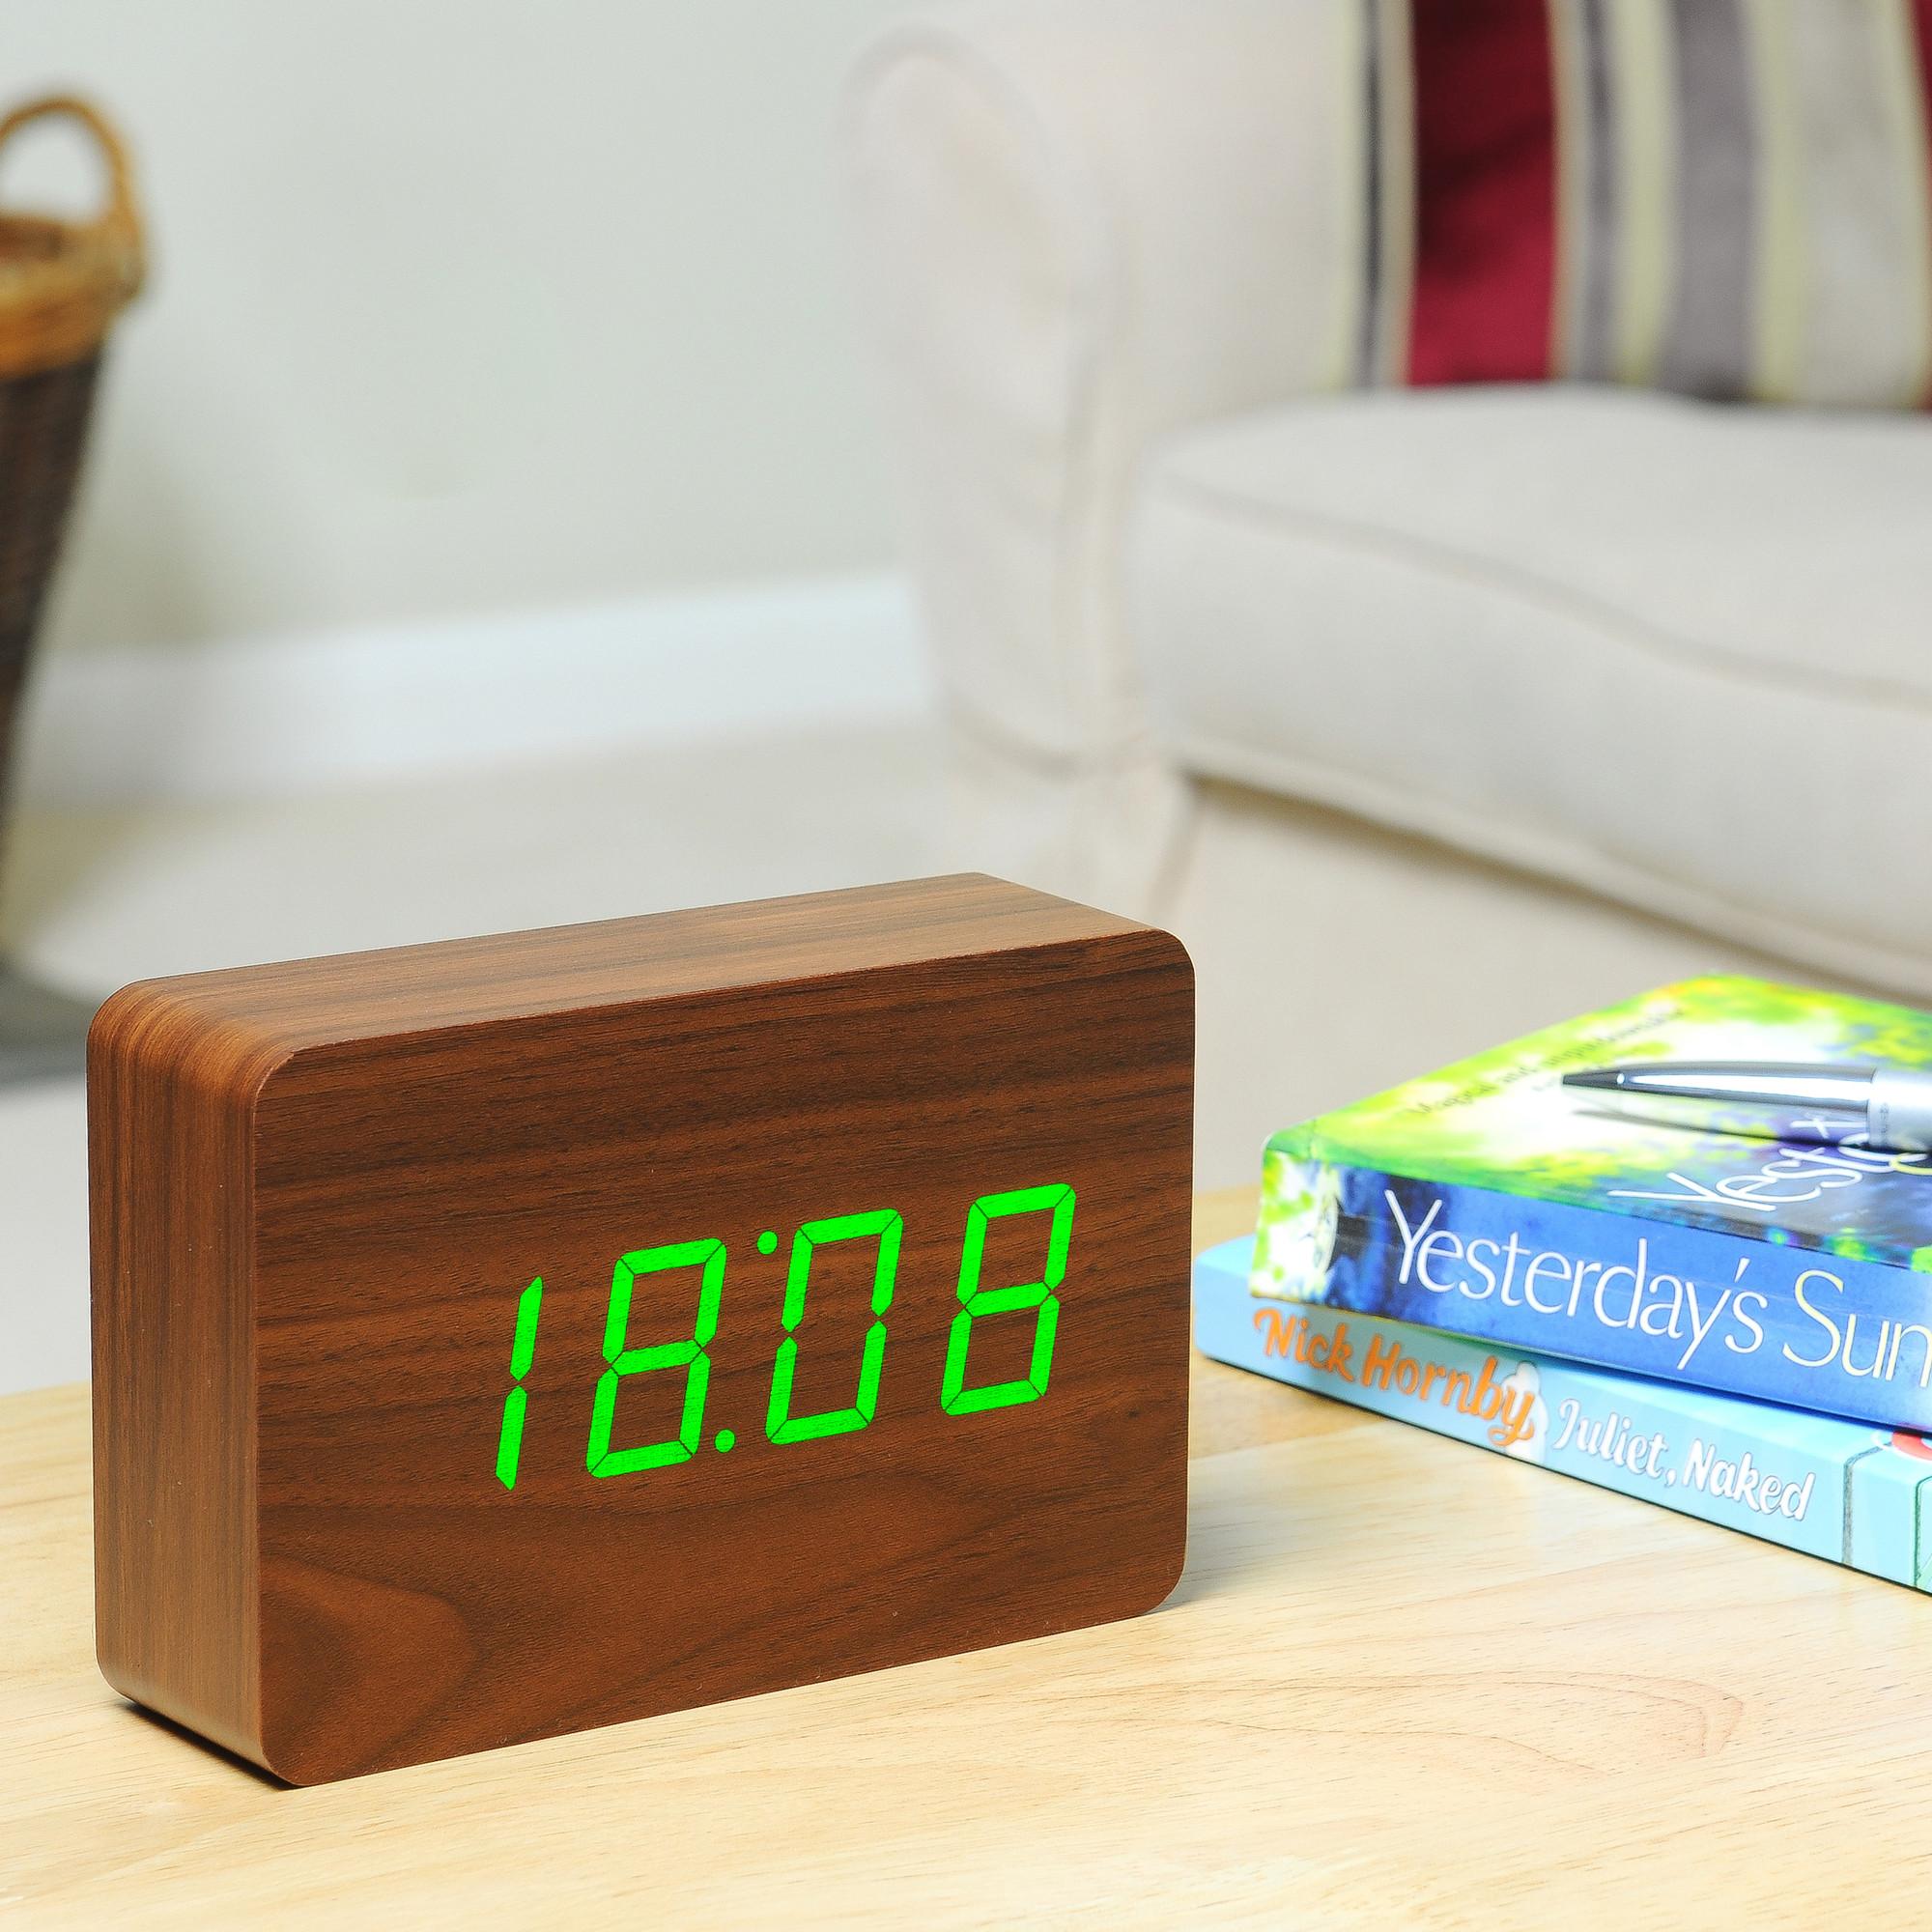 שעון לְבֵנָה במראה עץ אגוז, תאורה ירוקה